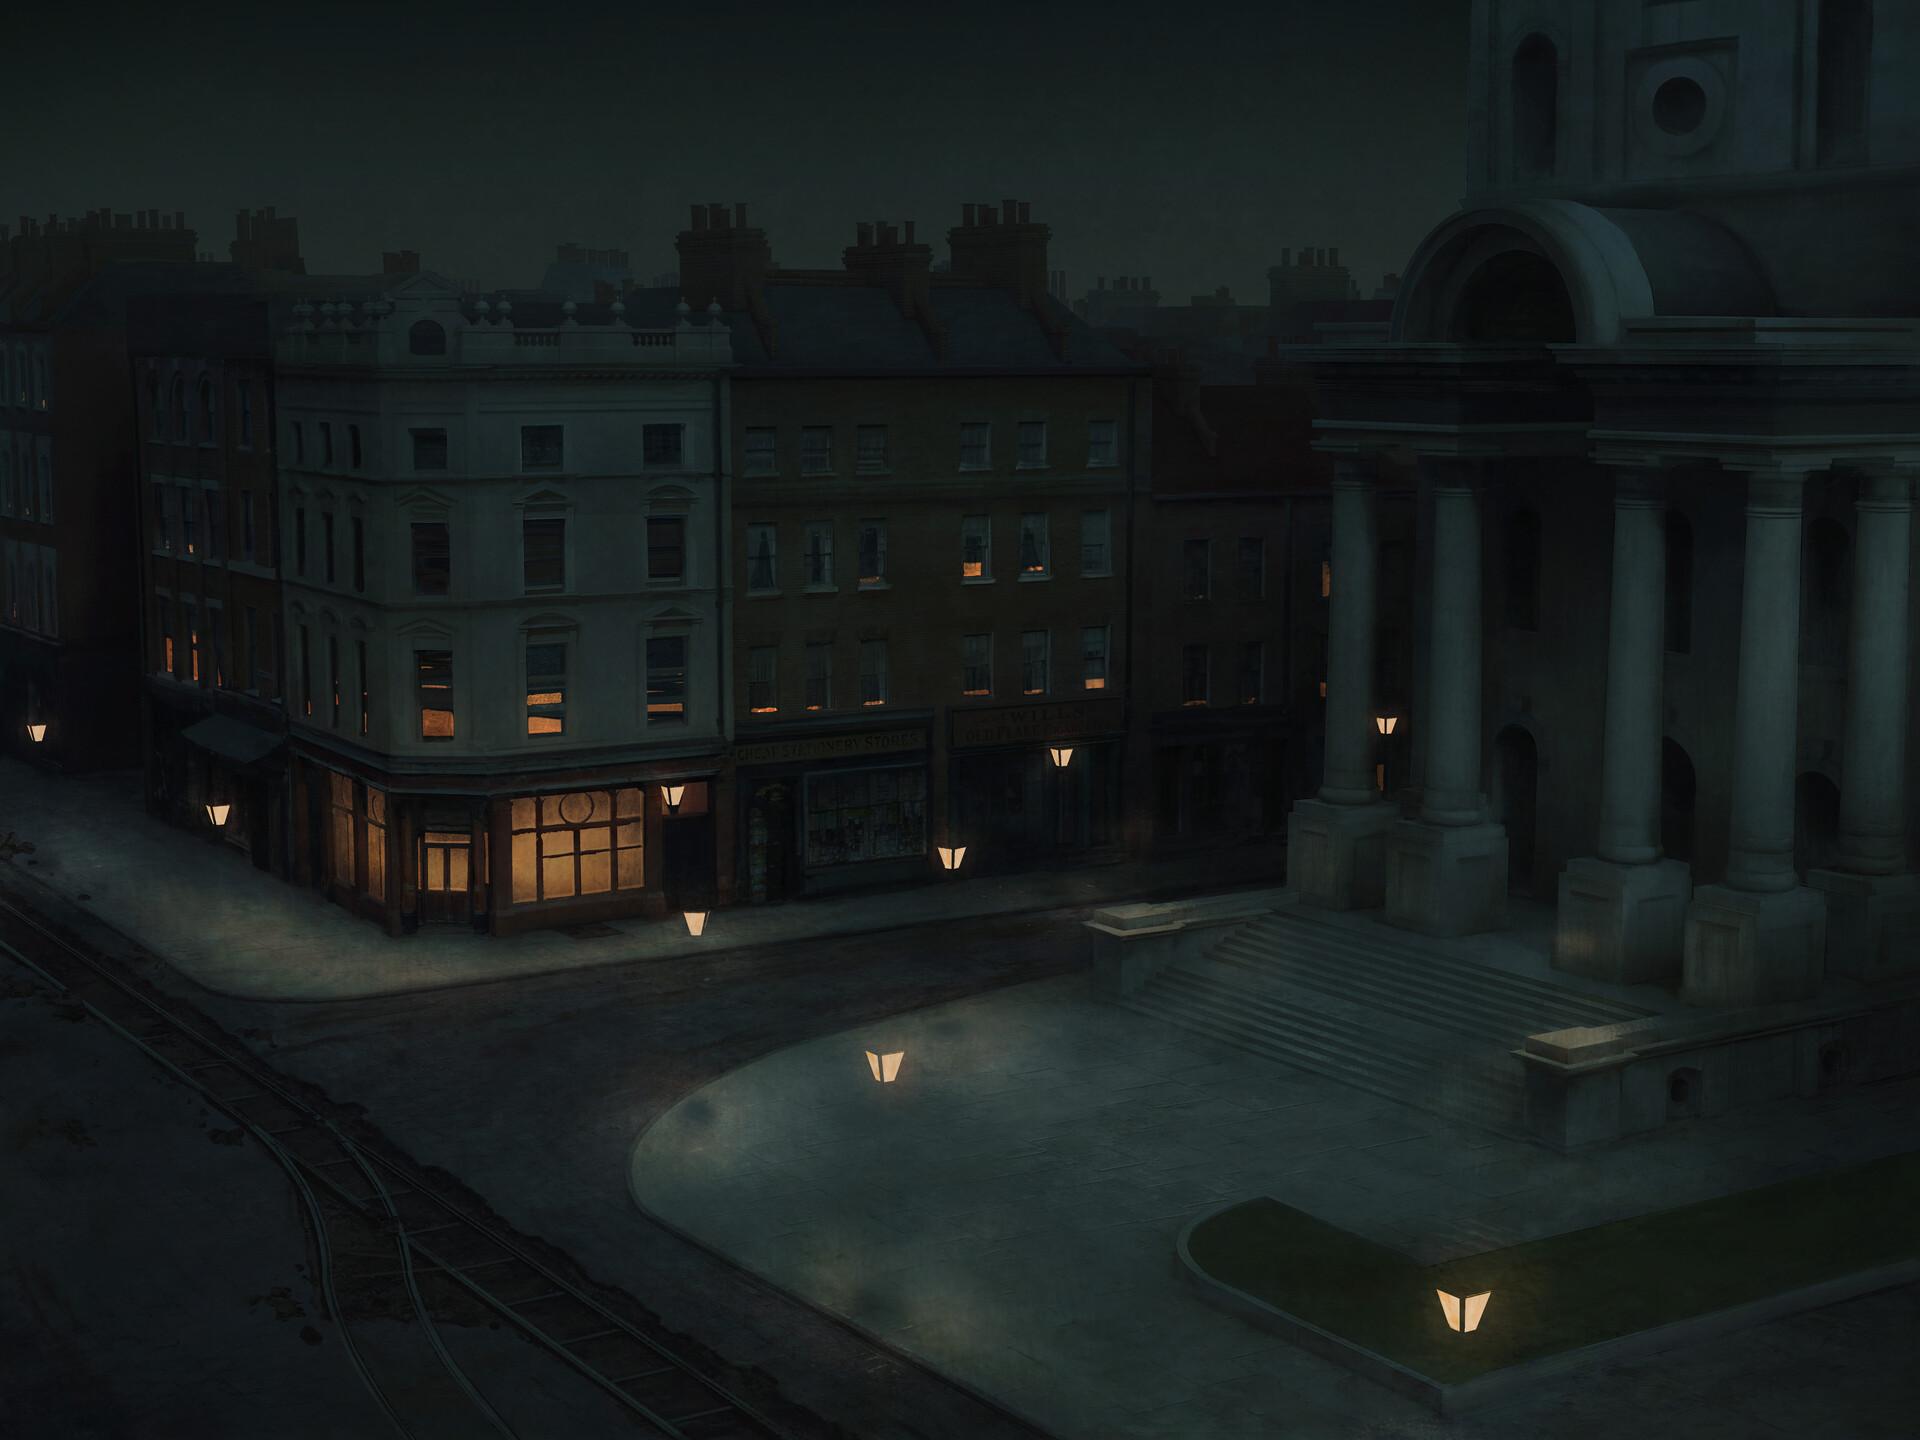 Olly lawson 11 spitalfields night